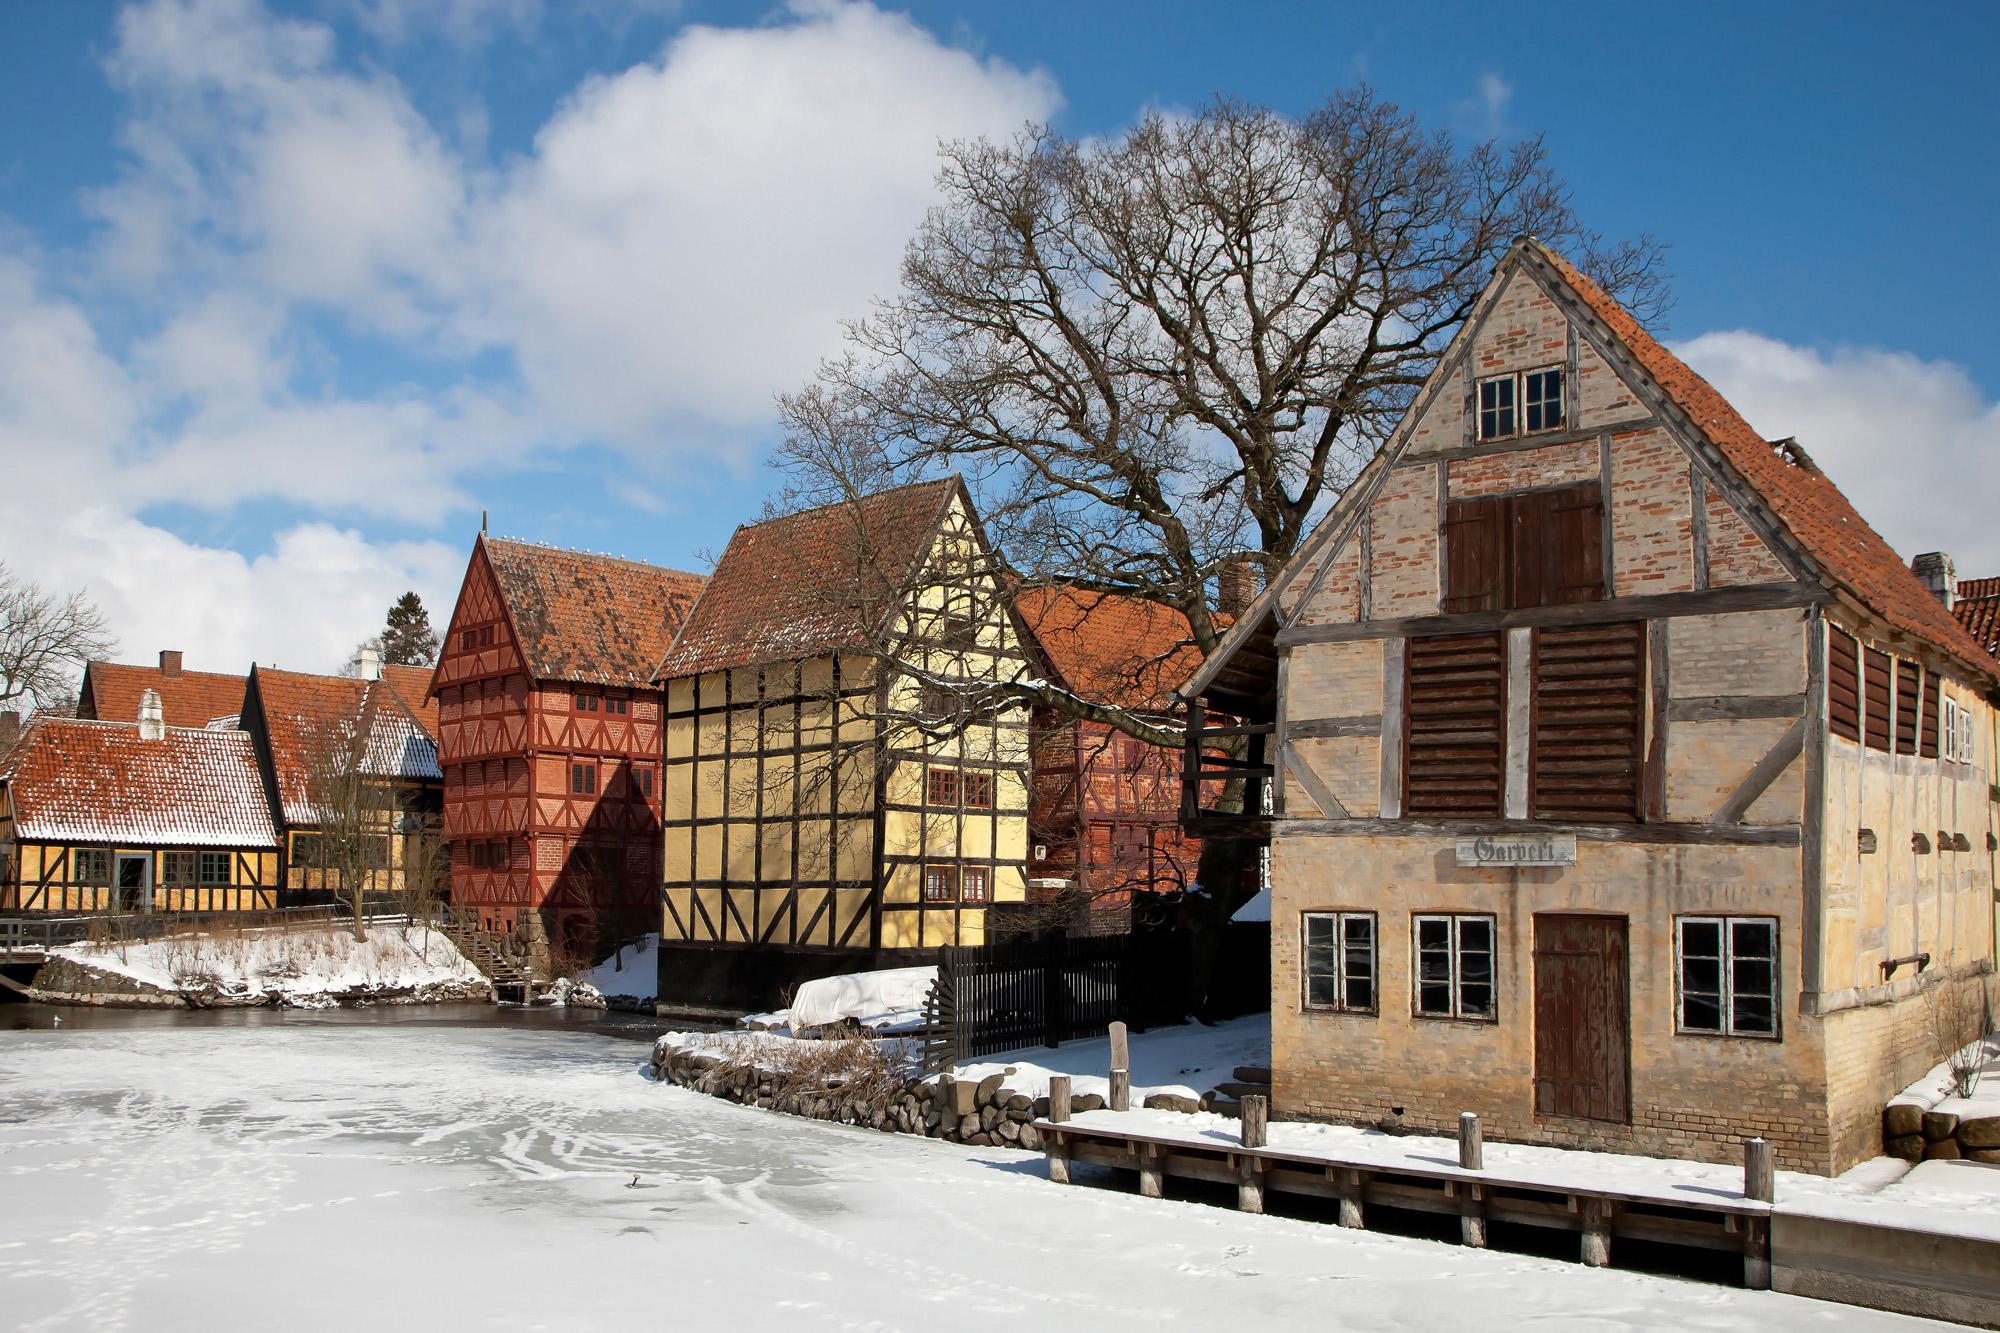 juleoplevelser, den gamle by, aarhus, hygge, kulturtilbud, december